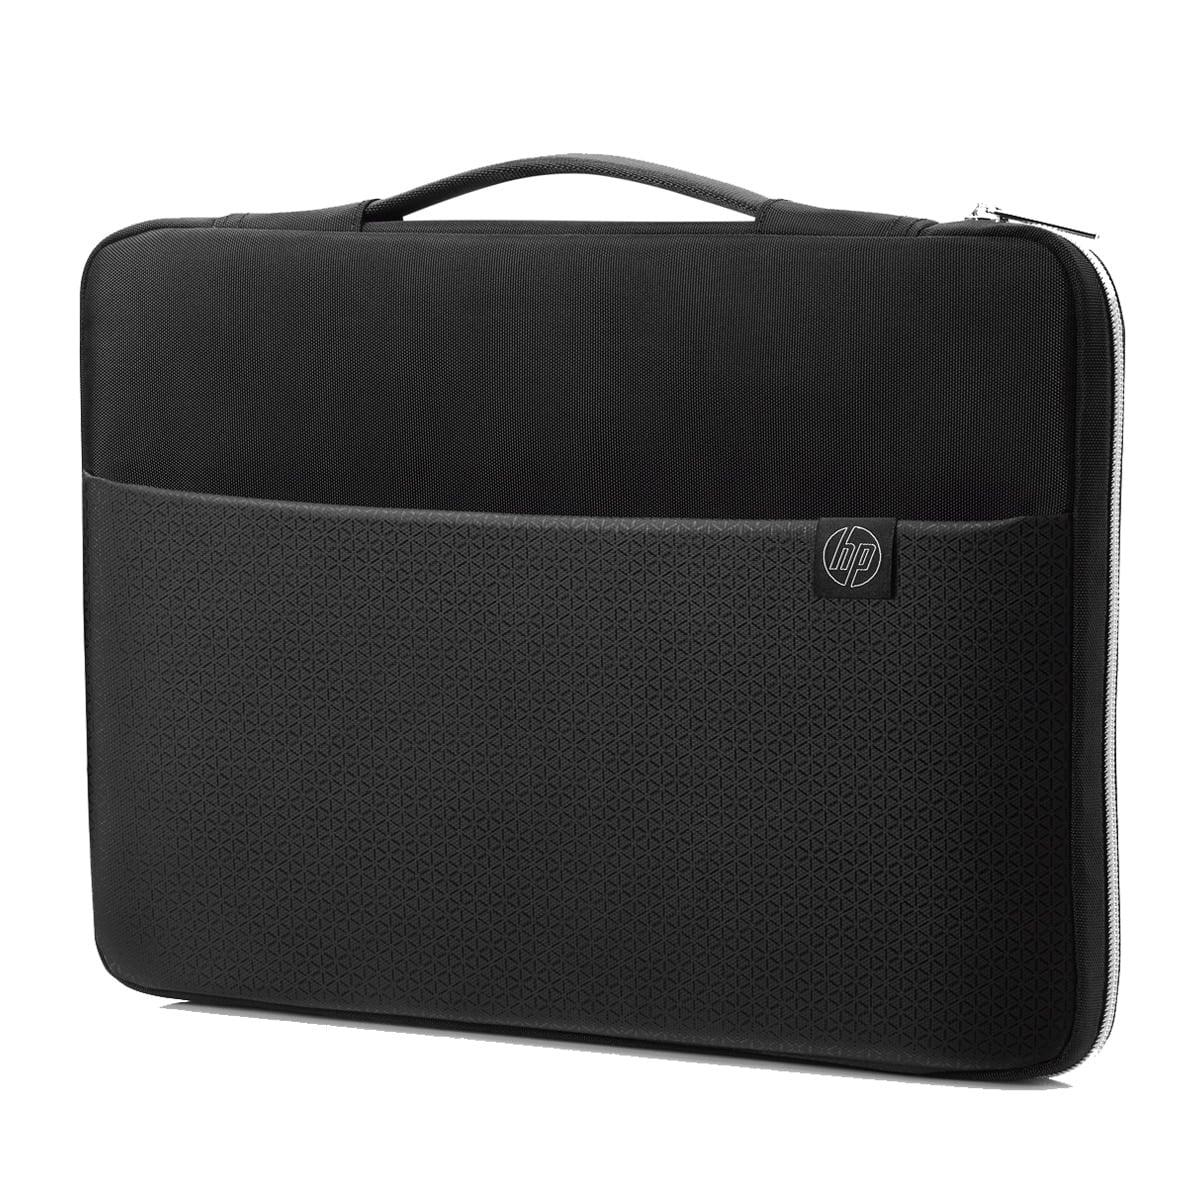 Funda negra HP para portátiles de 39,62 cm (15,6″)